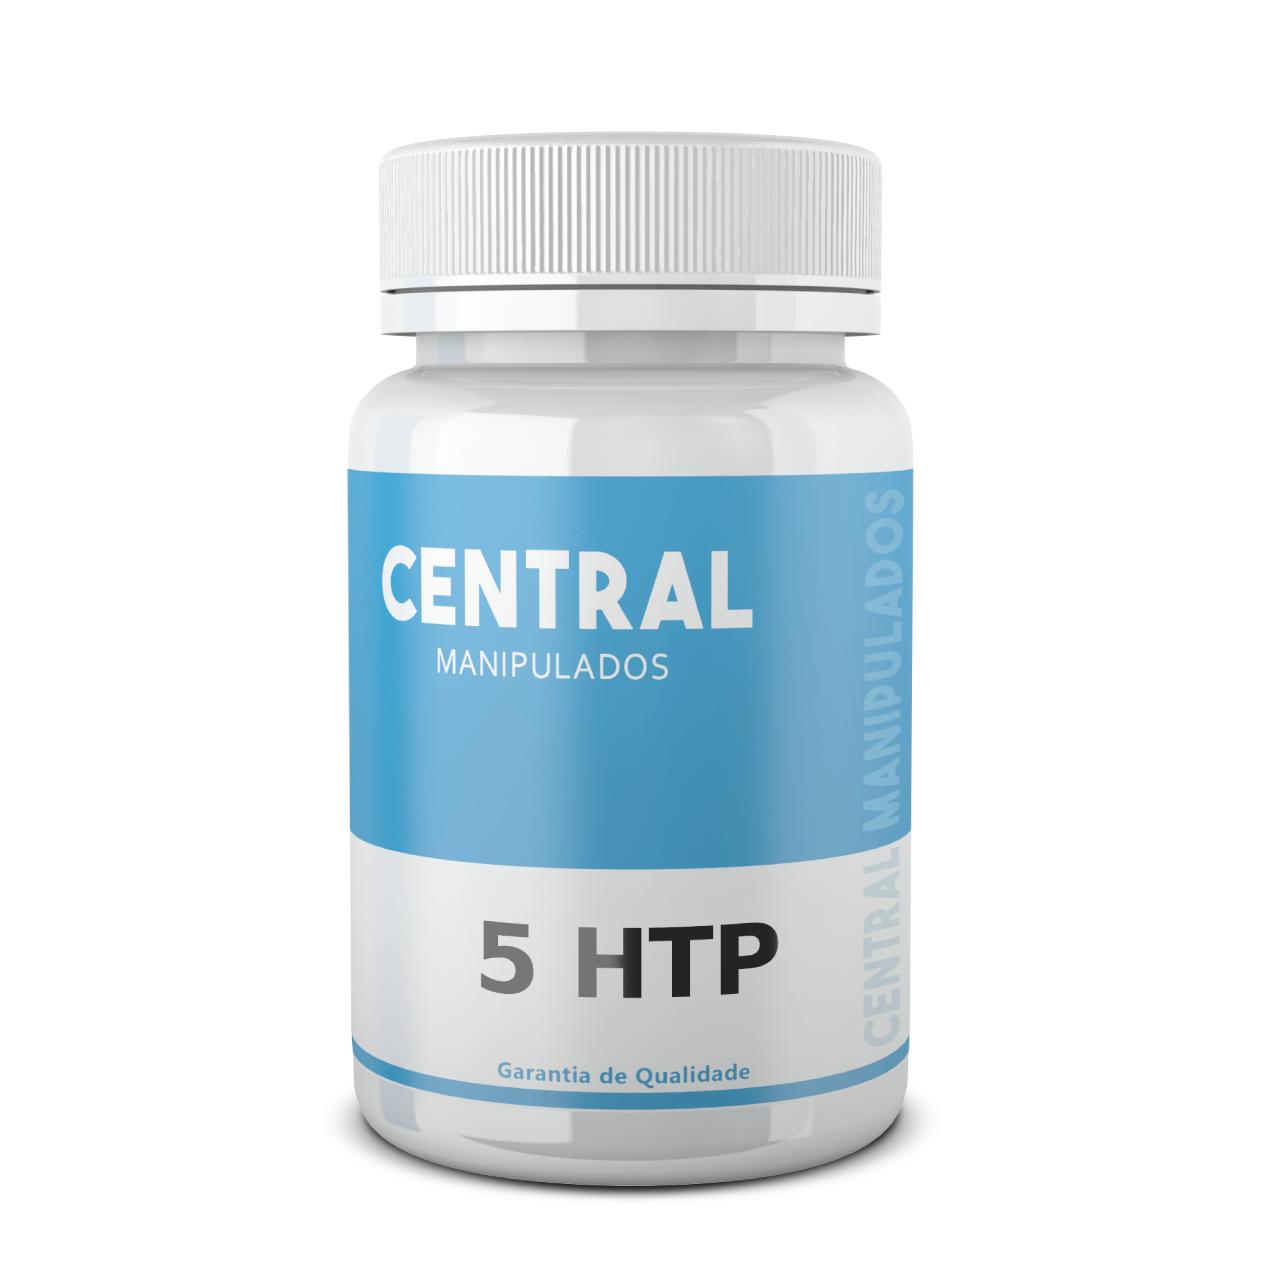 5 HTP 100mg - 60 cápsulas - Auxílio no Tratamento da Ansiedade